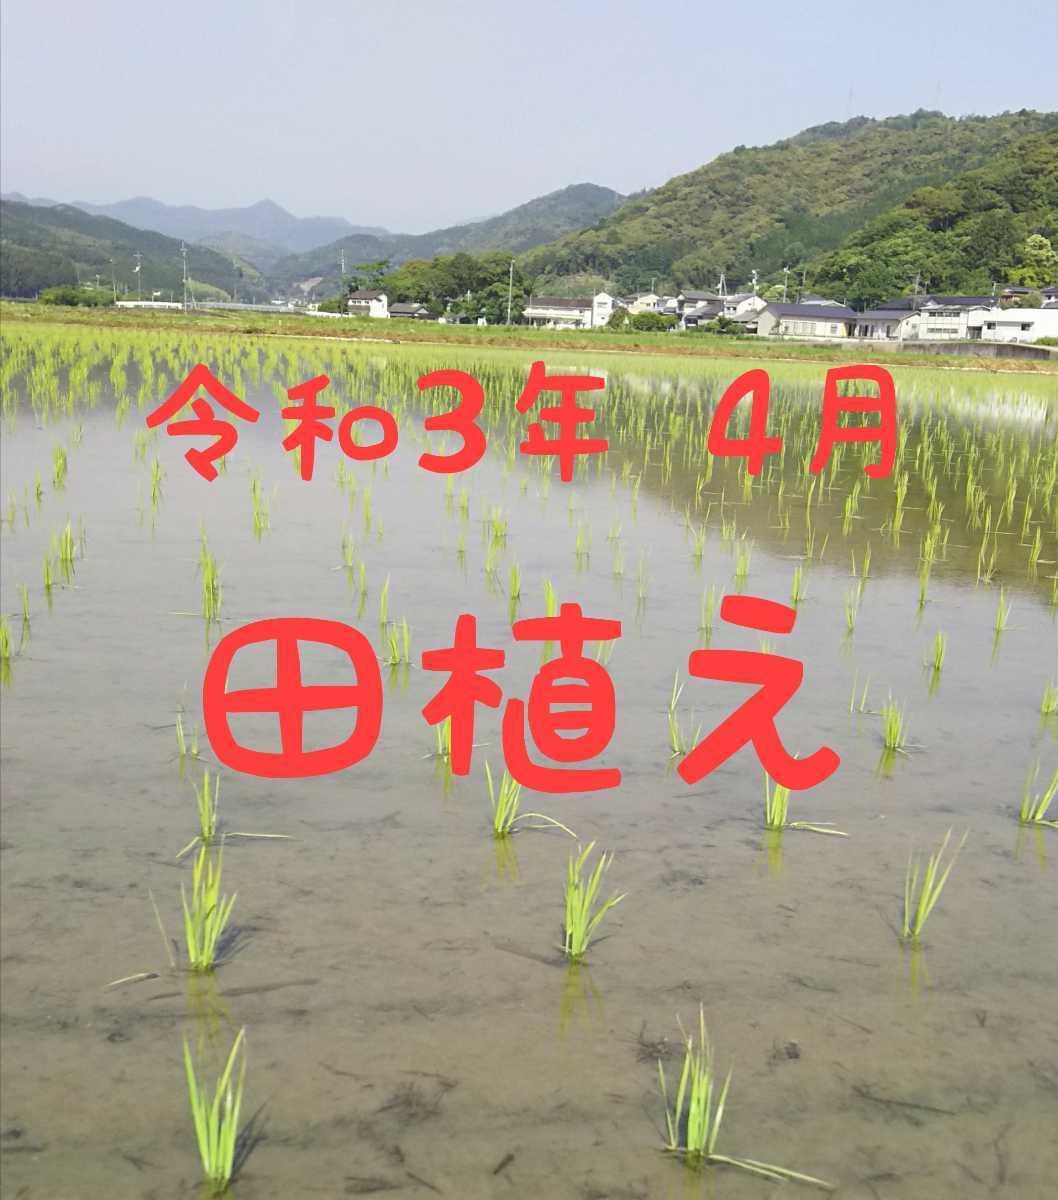 送料込み 令和3年産 高知県産 コシヒカリ玄米5㎏(袋込み)_画像2